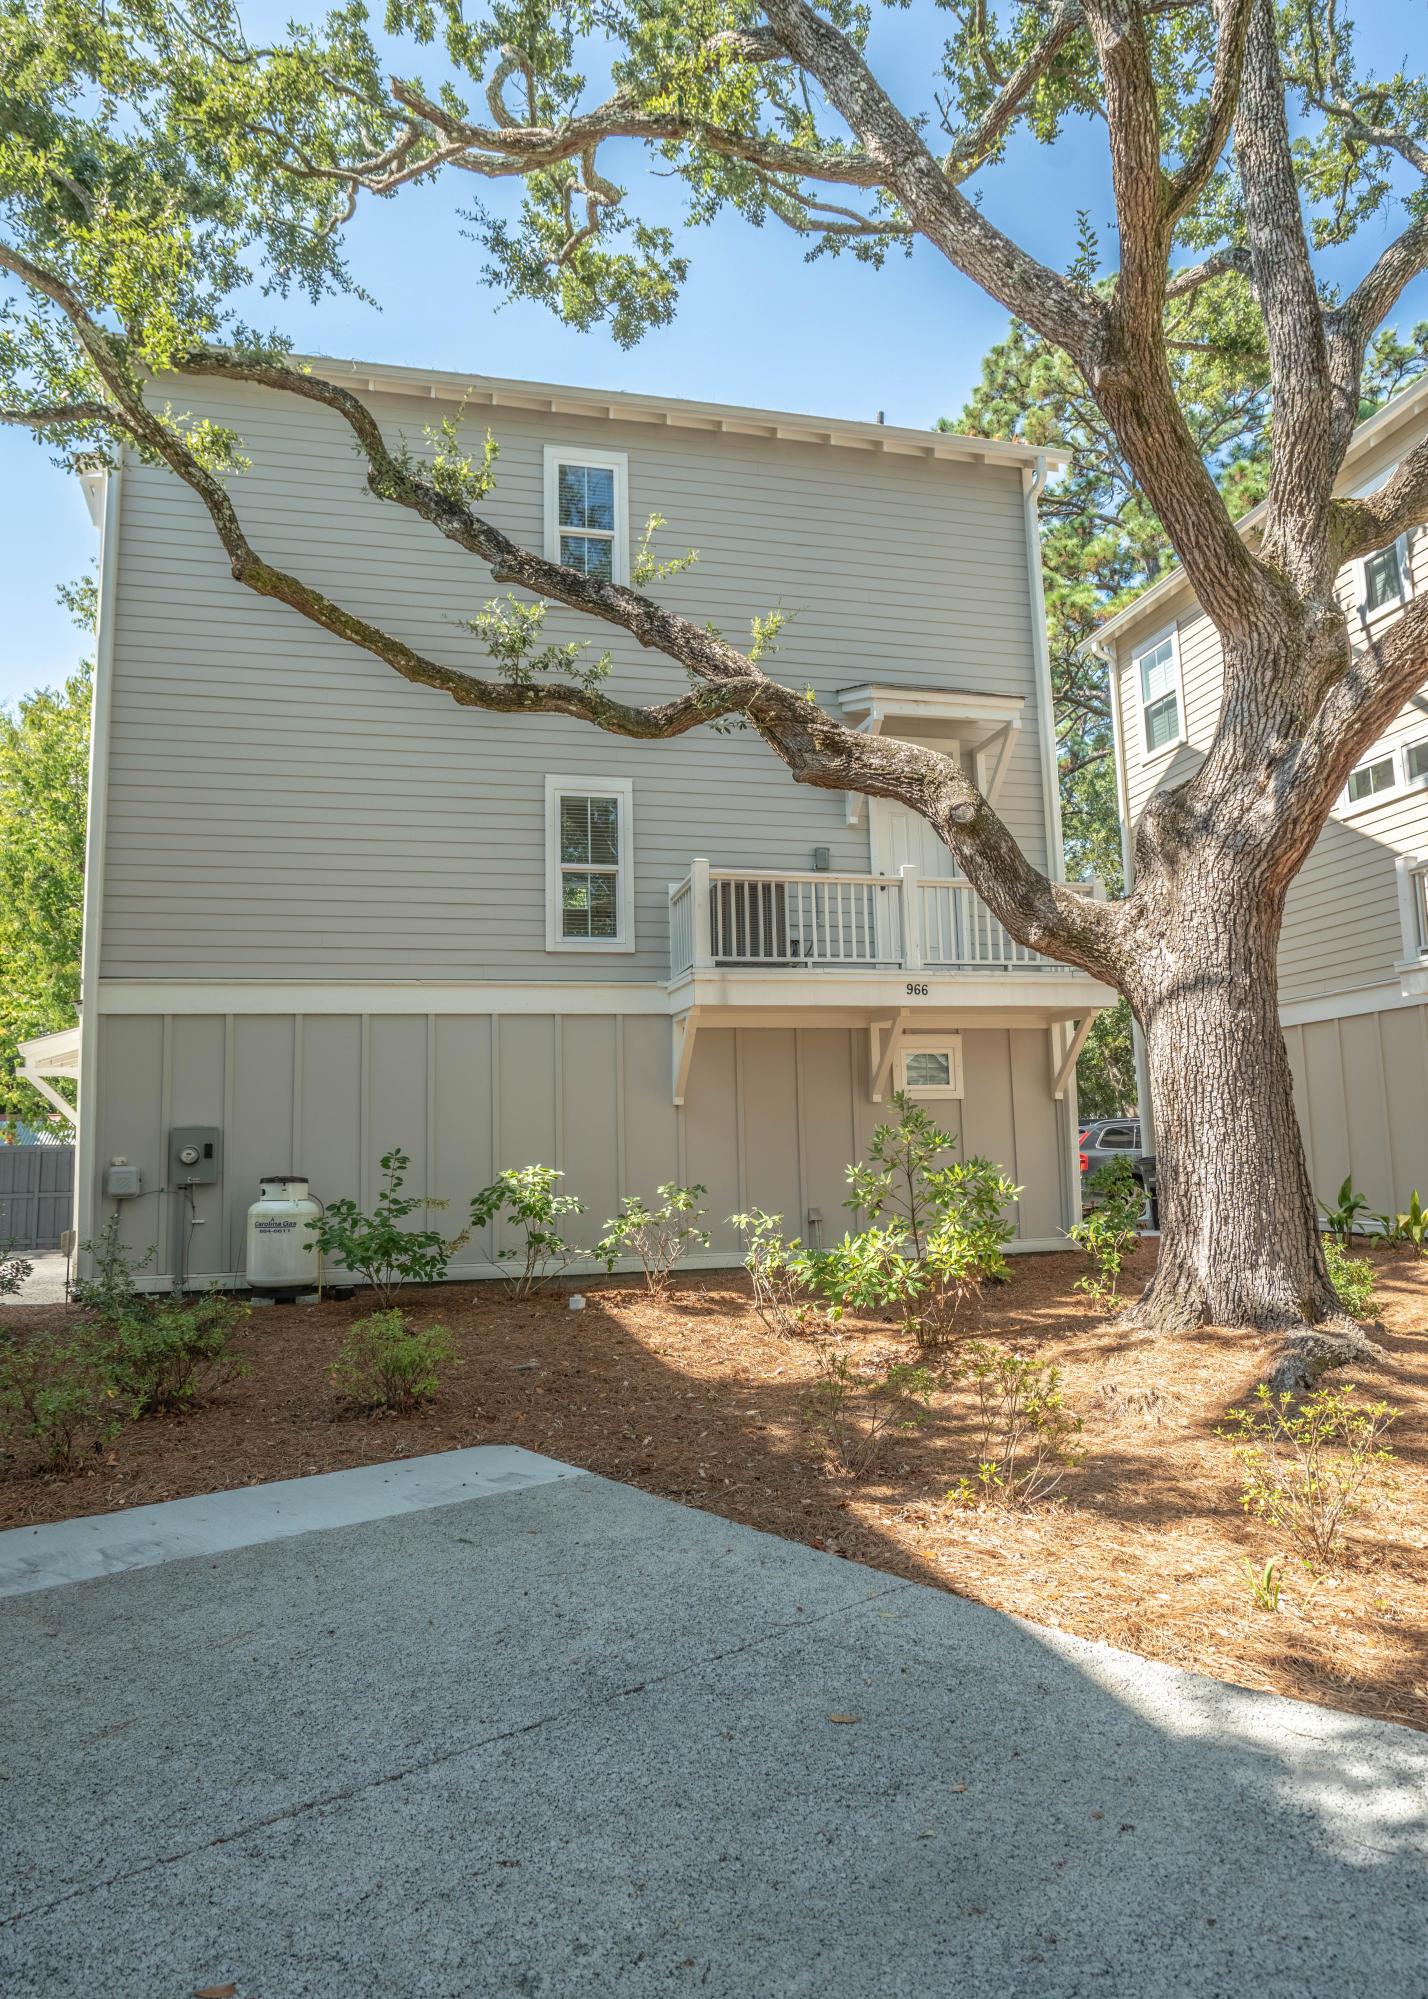 Warrick Oaks Homes For Sale - 966 Warrick Oaks, Mount Pleasant, SC - 18